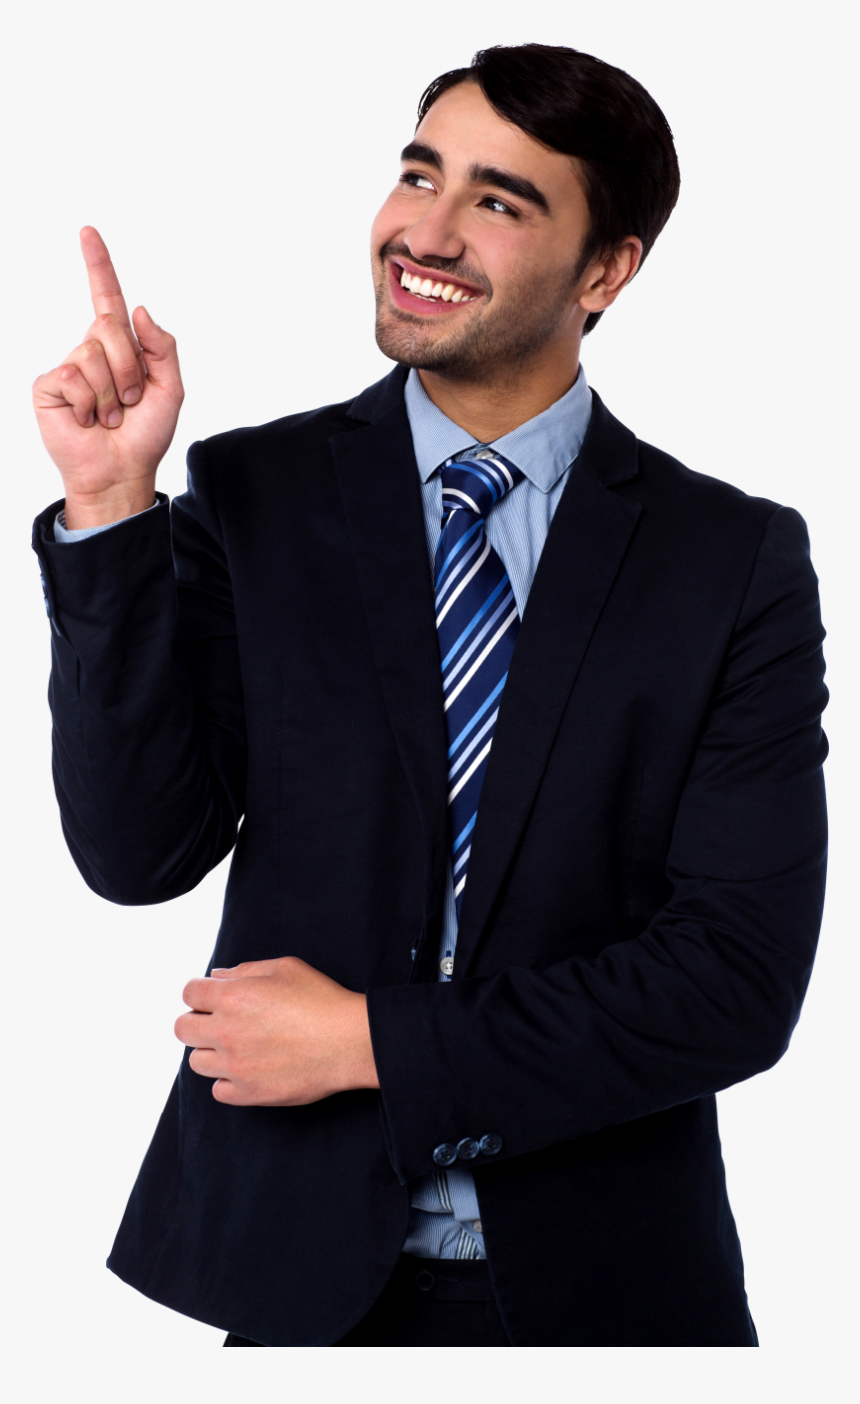 Men Pointing Left Png Image, Transparent Png, Free Download